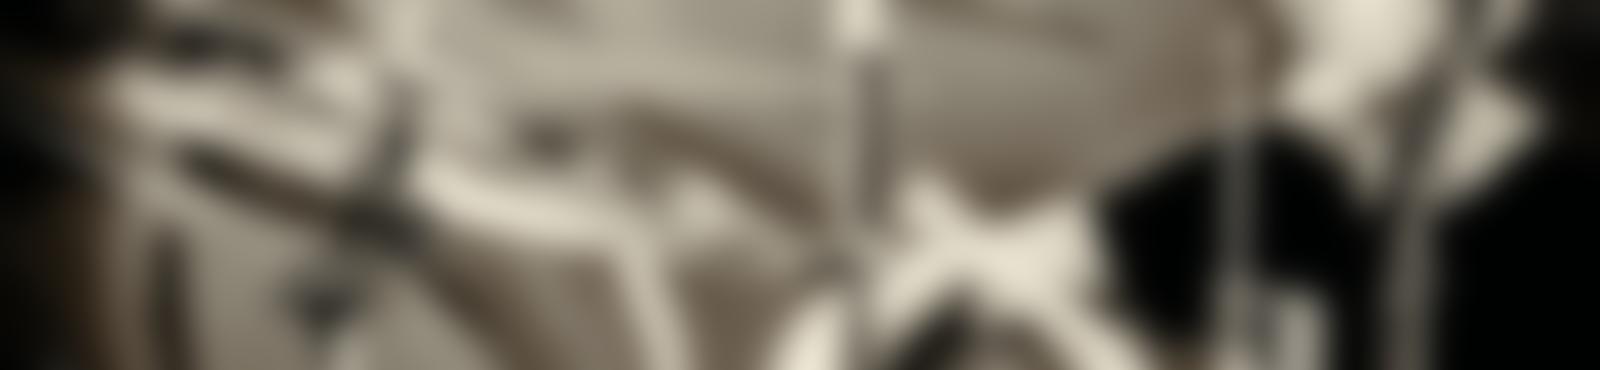 Blurred 89d1fb00 4a03 4c7d 818f b2e8f625098c